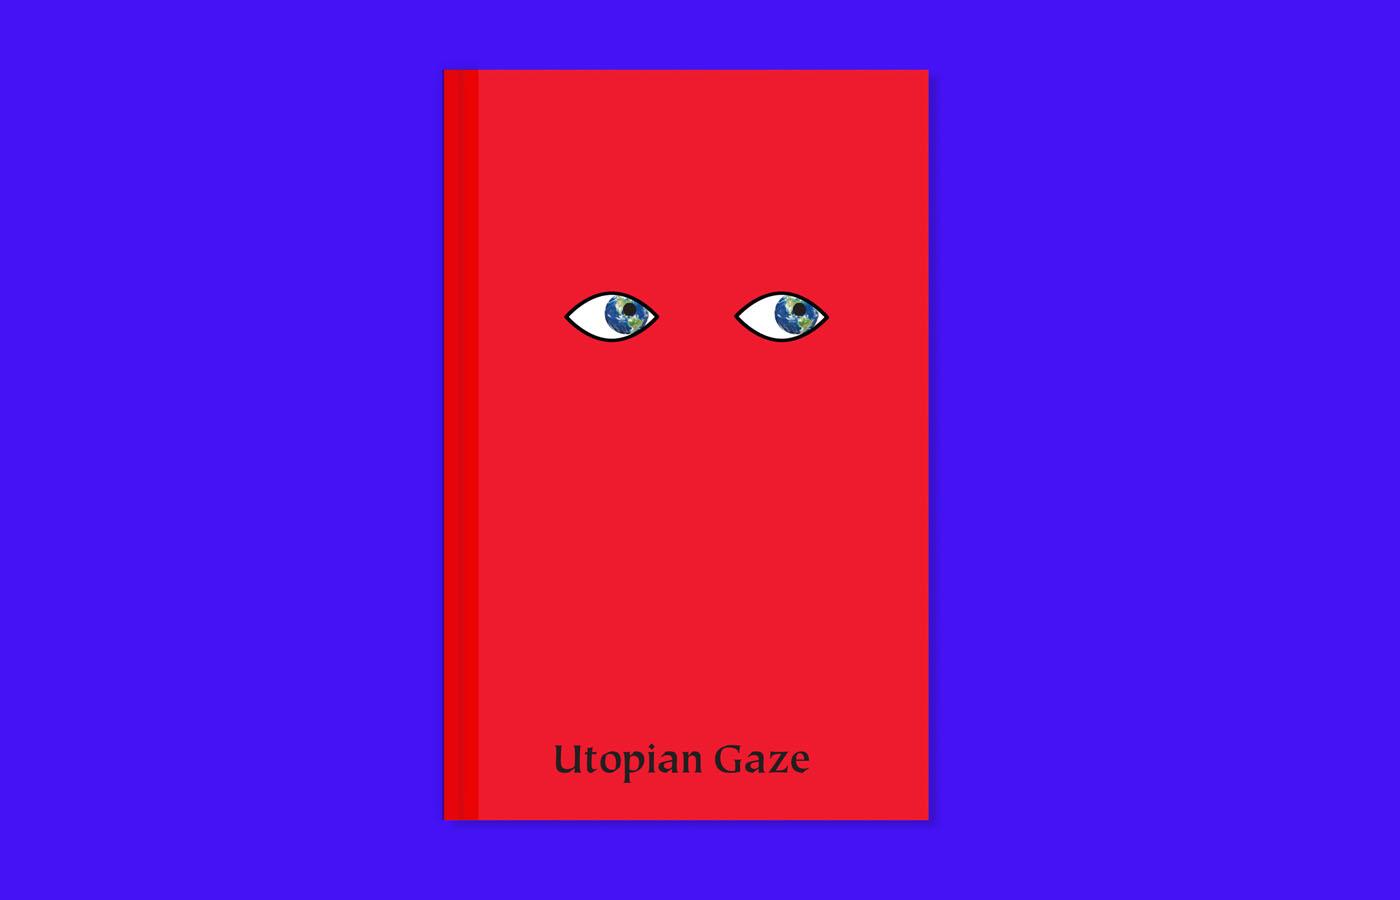 UtopianGaze